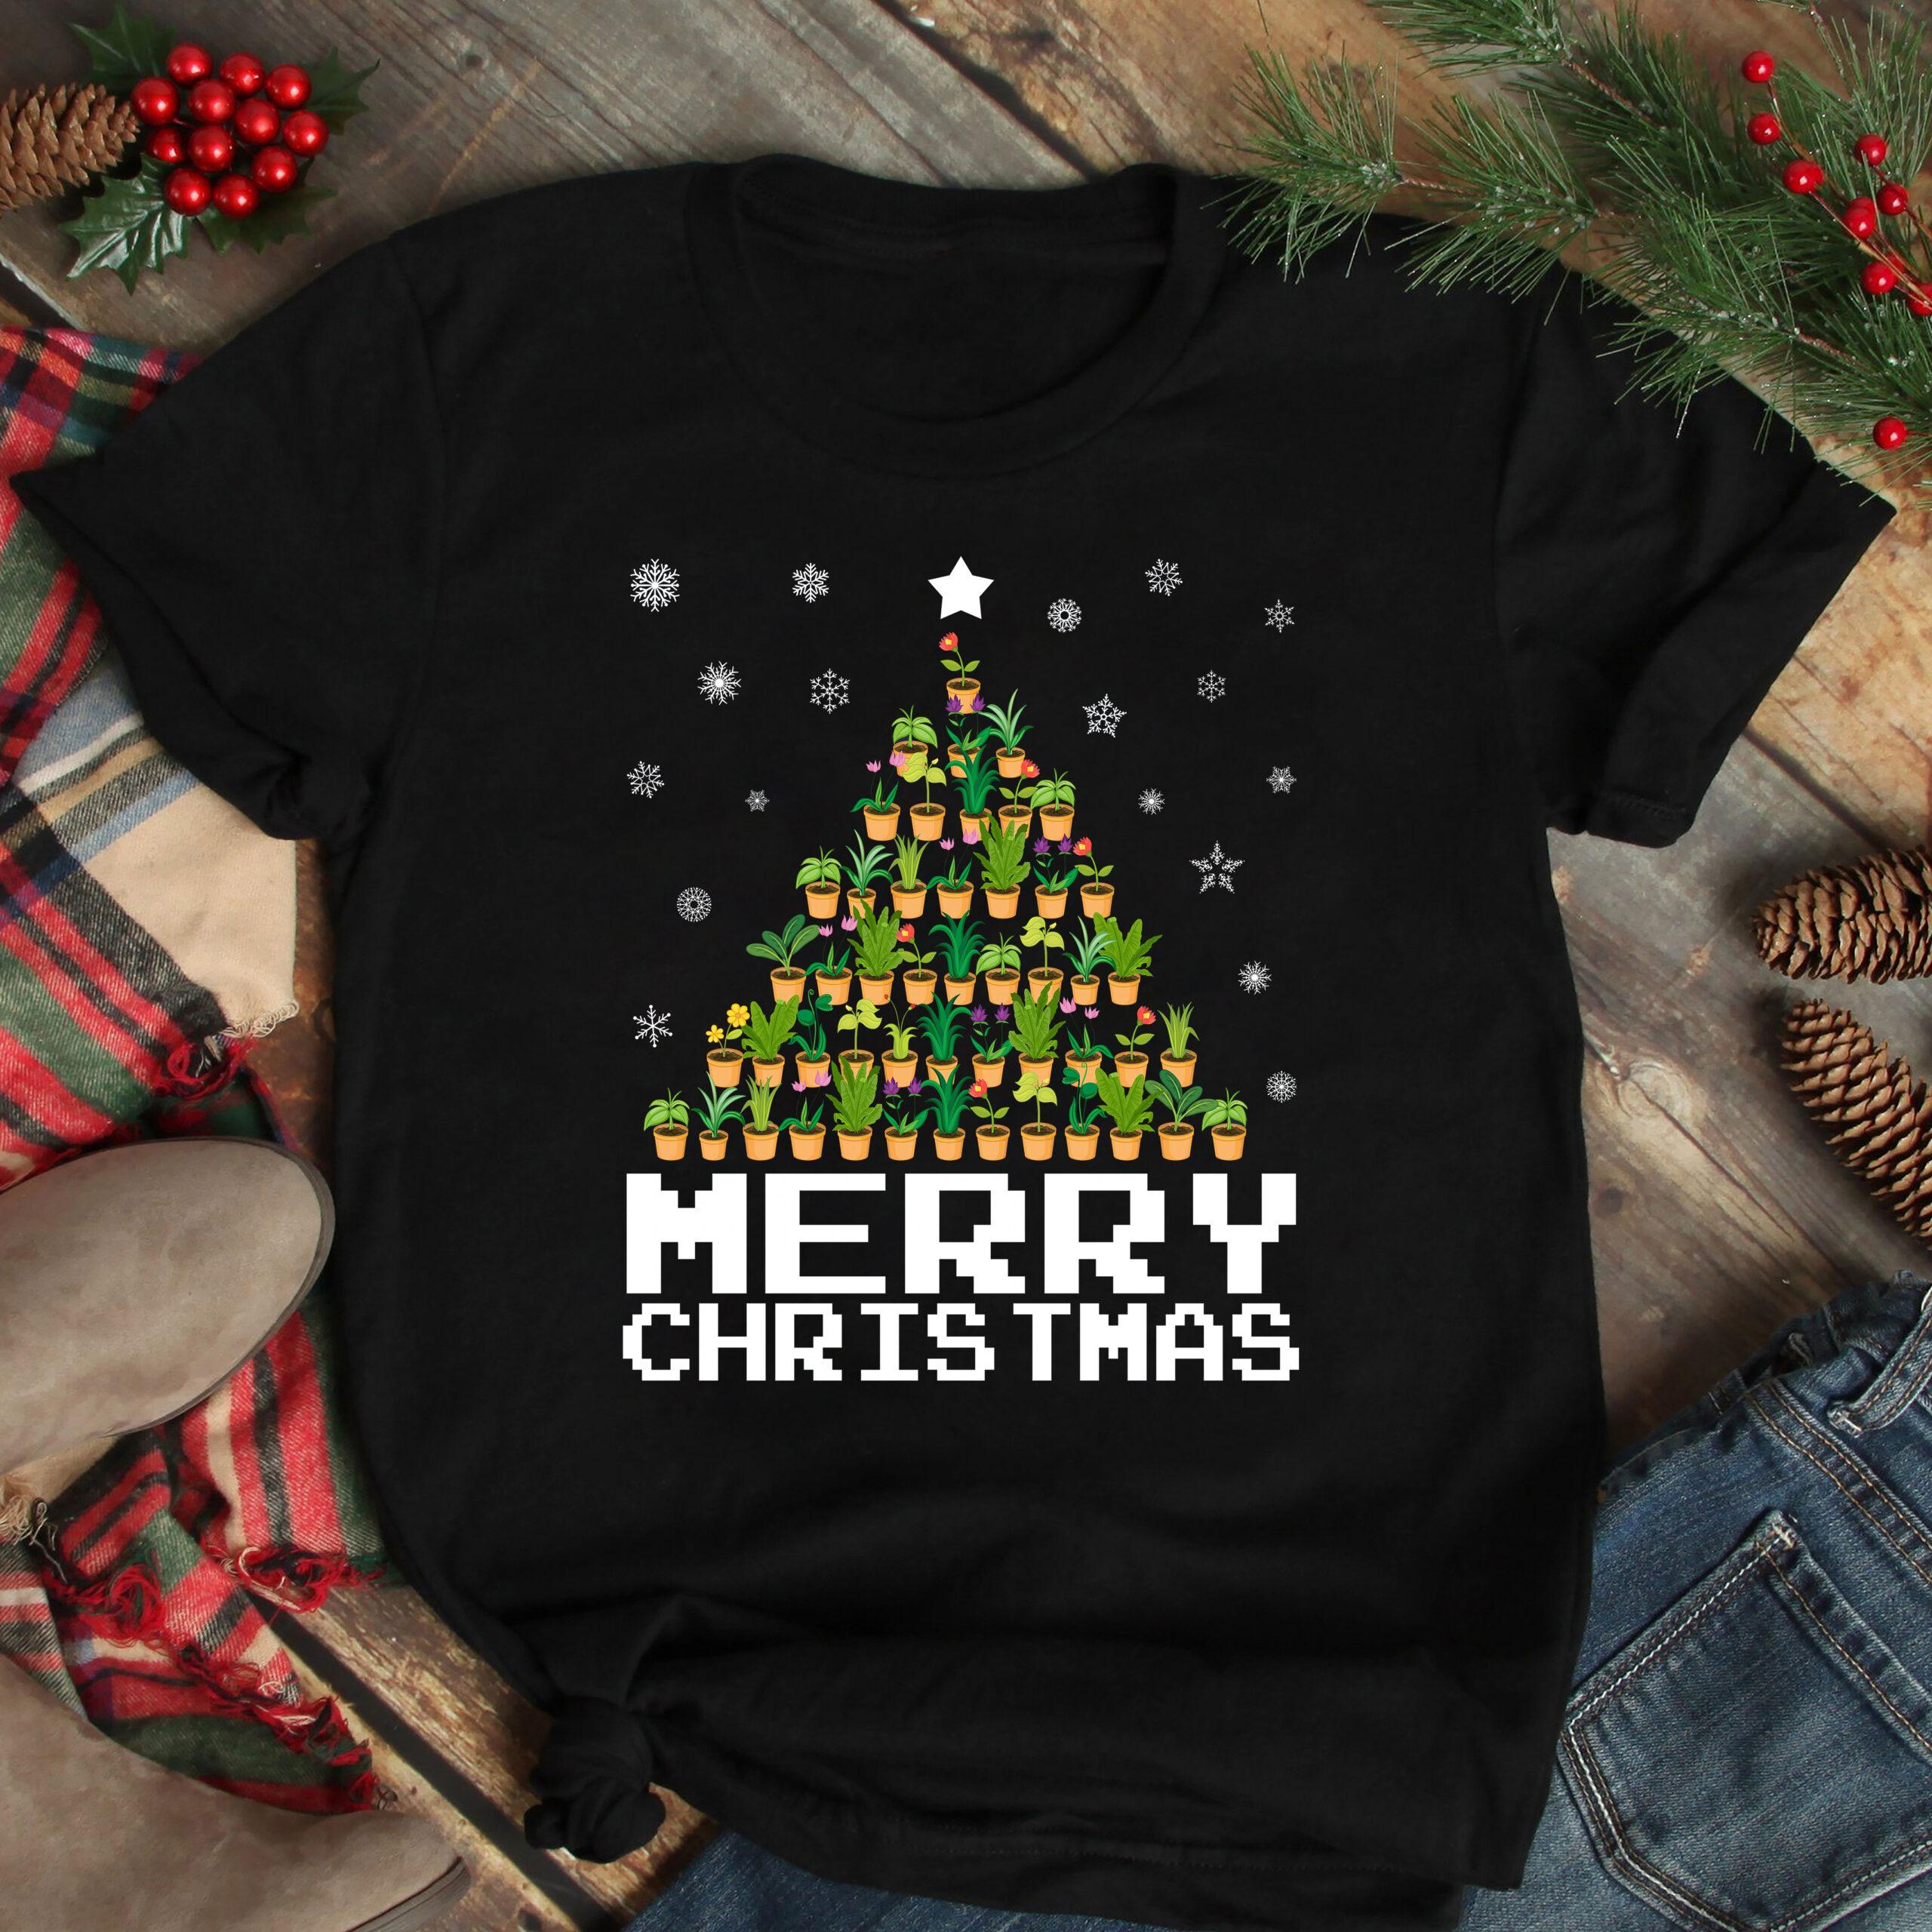 Merry Christmas Gardening Shirt Pine